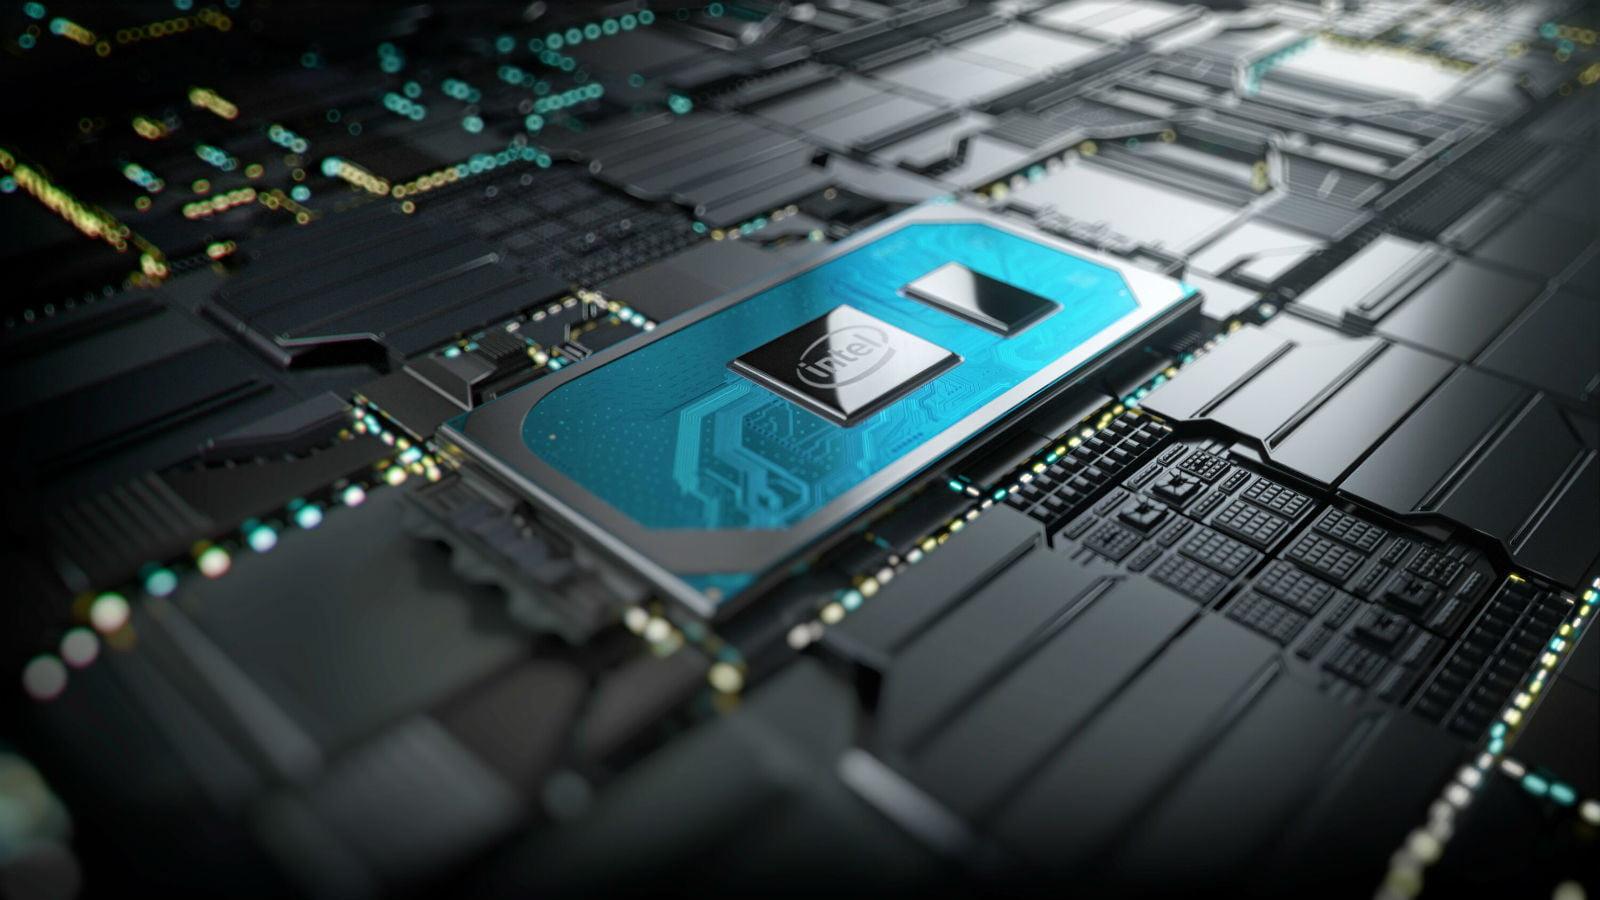 Intel oficjalnie zaprezentował Ice Lake dla laptopów - doczekaliśmy się 10 nm i dwa razy szybszej grafiki 15